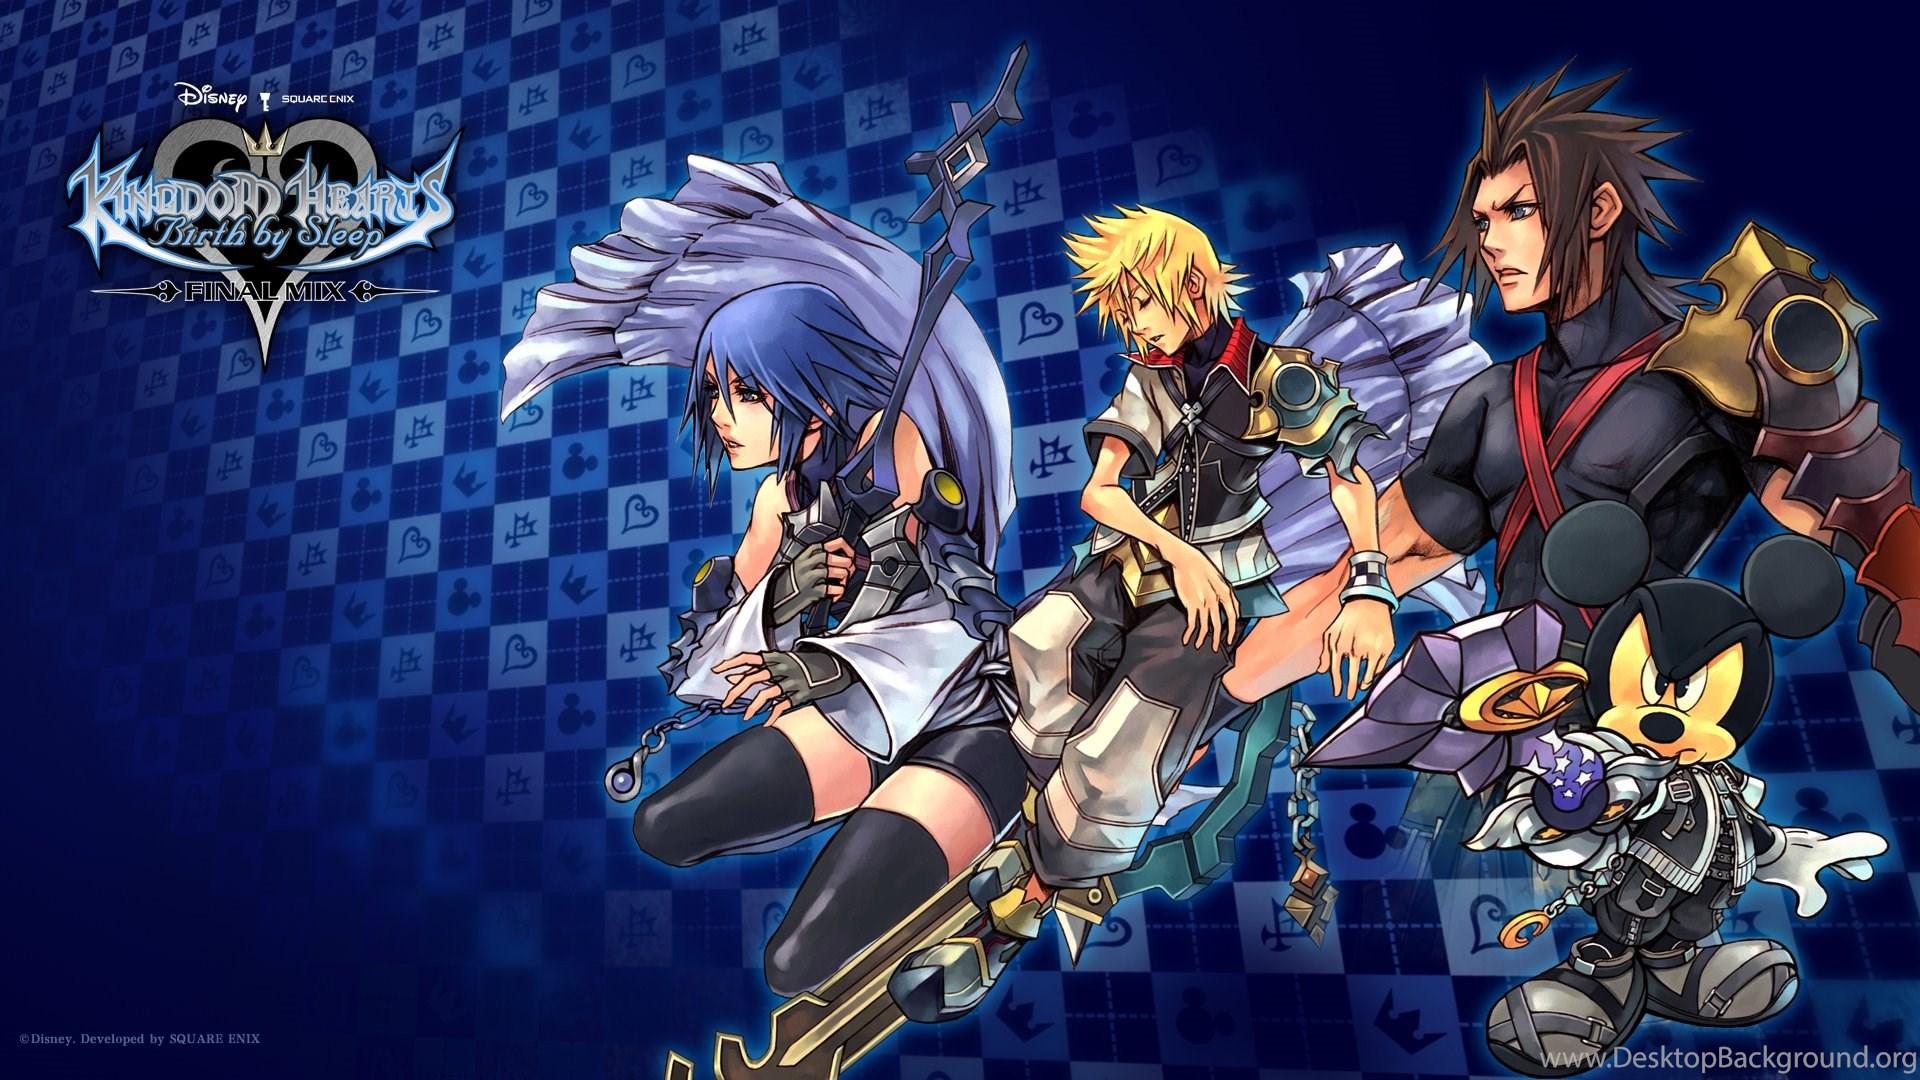 Kingdom Hearts Wallpapers Wide Nexus 5 Wallpapers 1920x1080